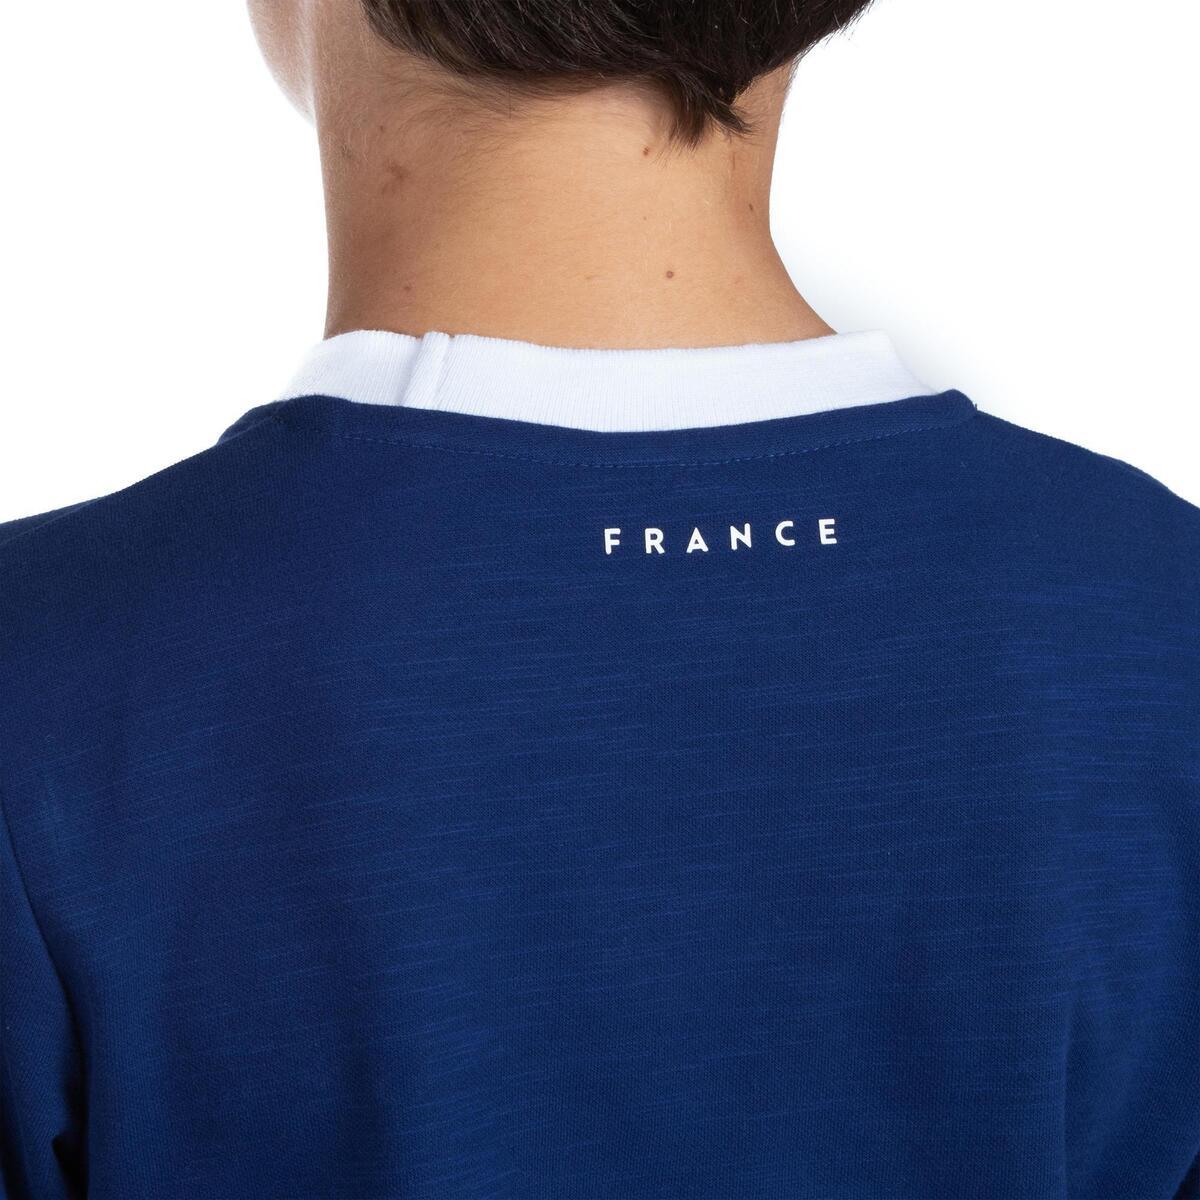 Bild 5 von Rugby-Fanshirt Frankreich 2019 Kinder blau